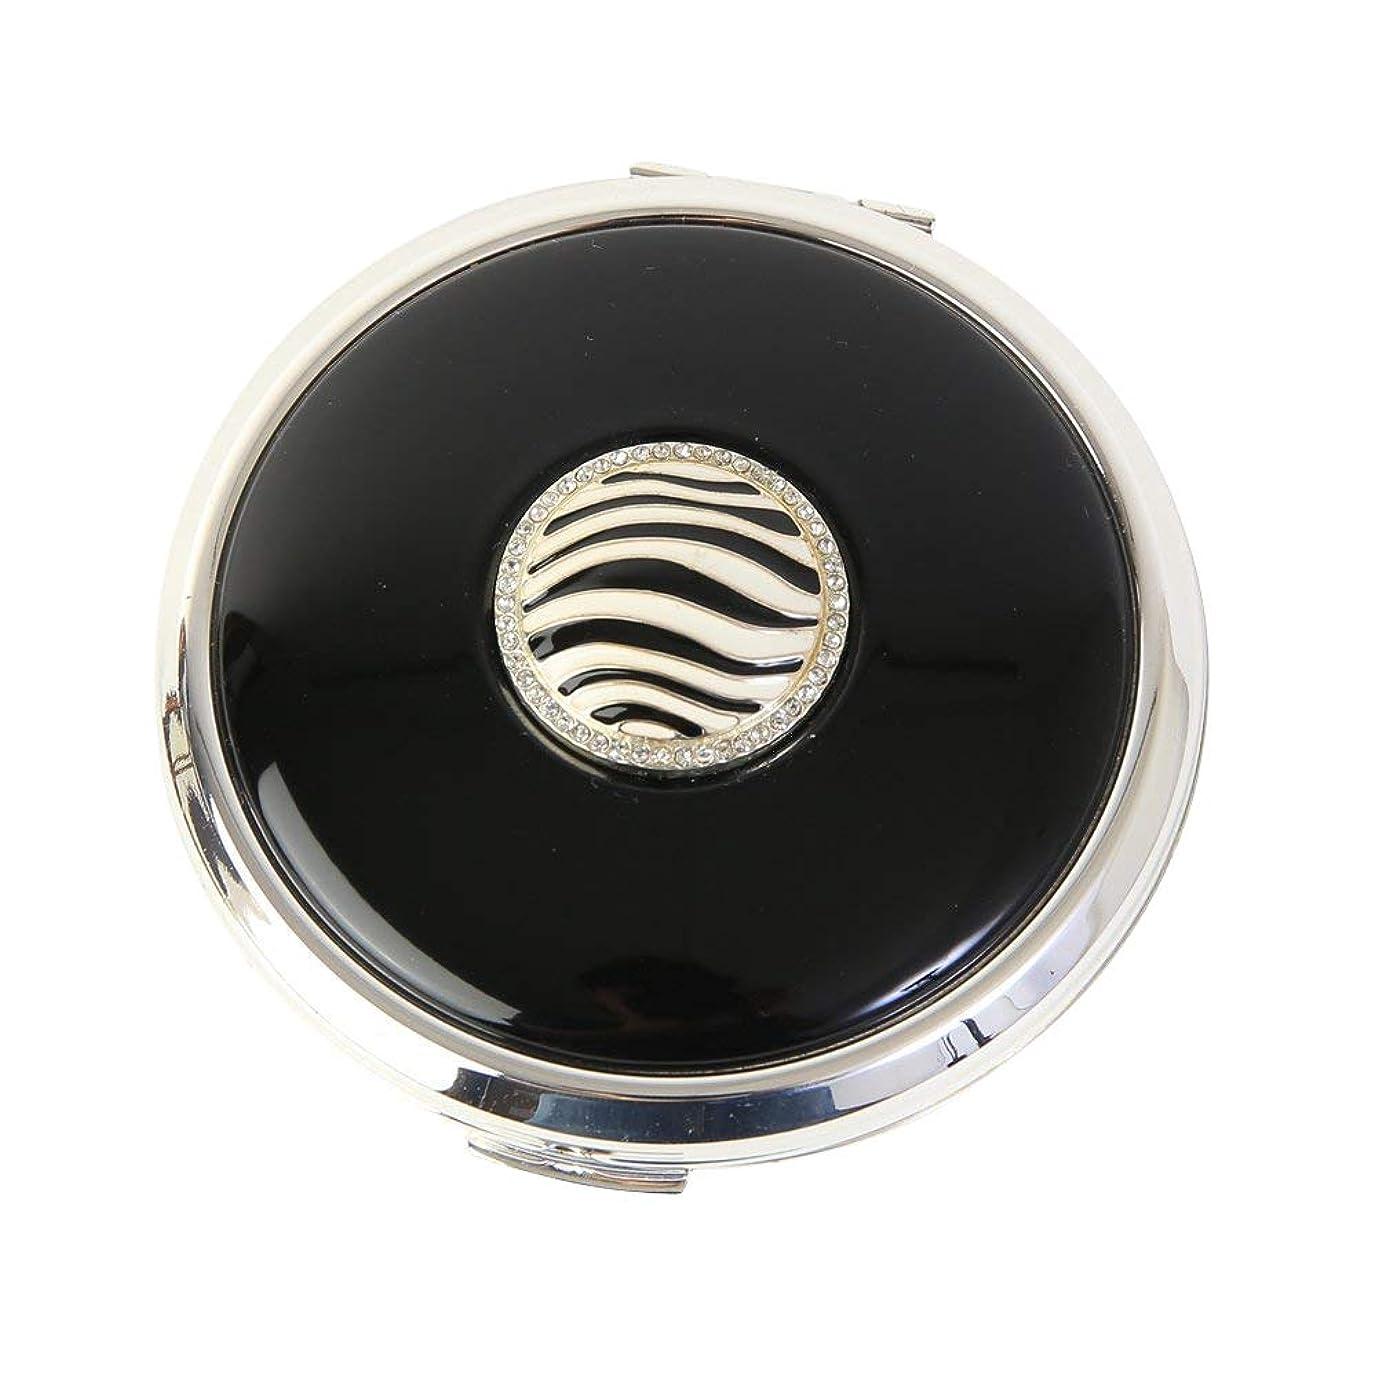 ピルファー肉屋交差点Stratton ストラットン コンパクト コンバーティブル おしろいケース&ミラー ブラック Zebra ST1118